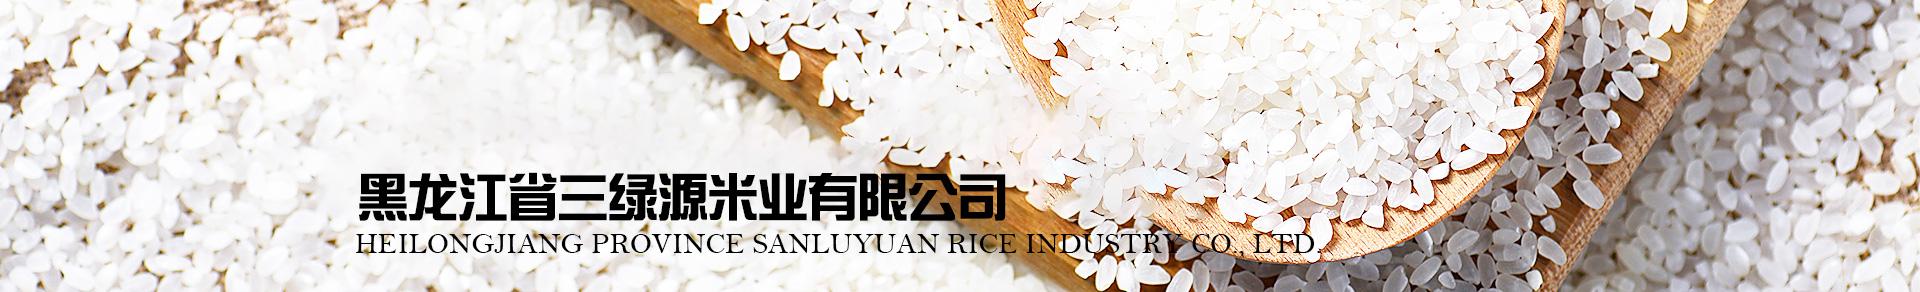 长粒香大米